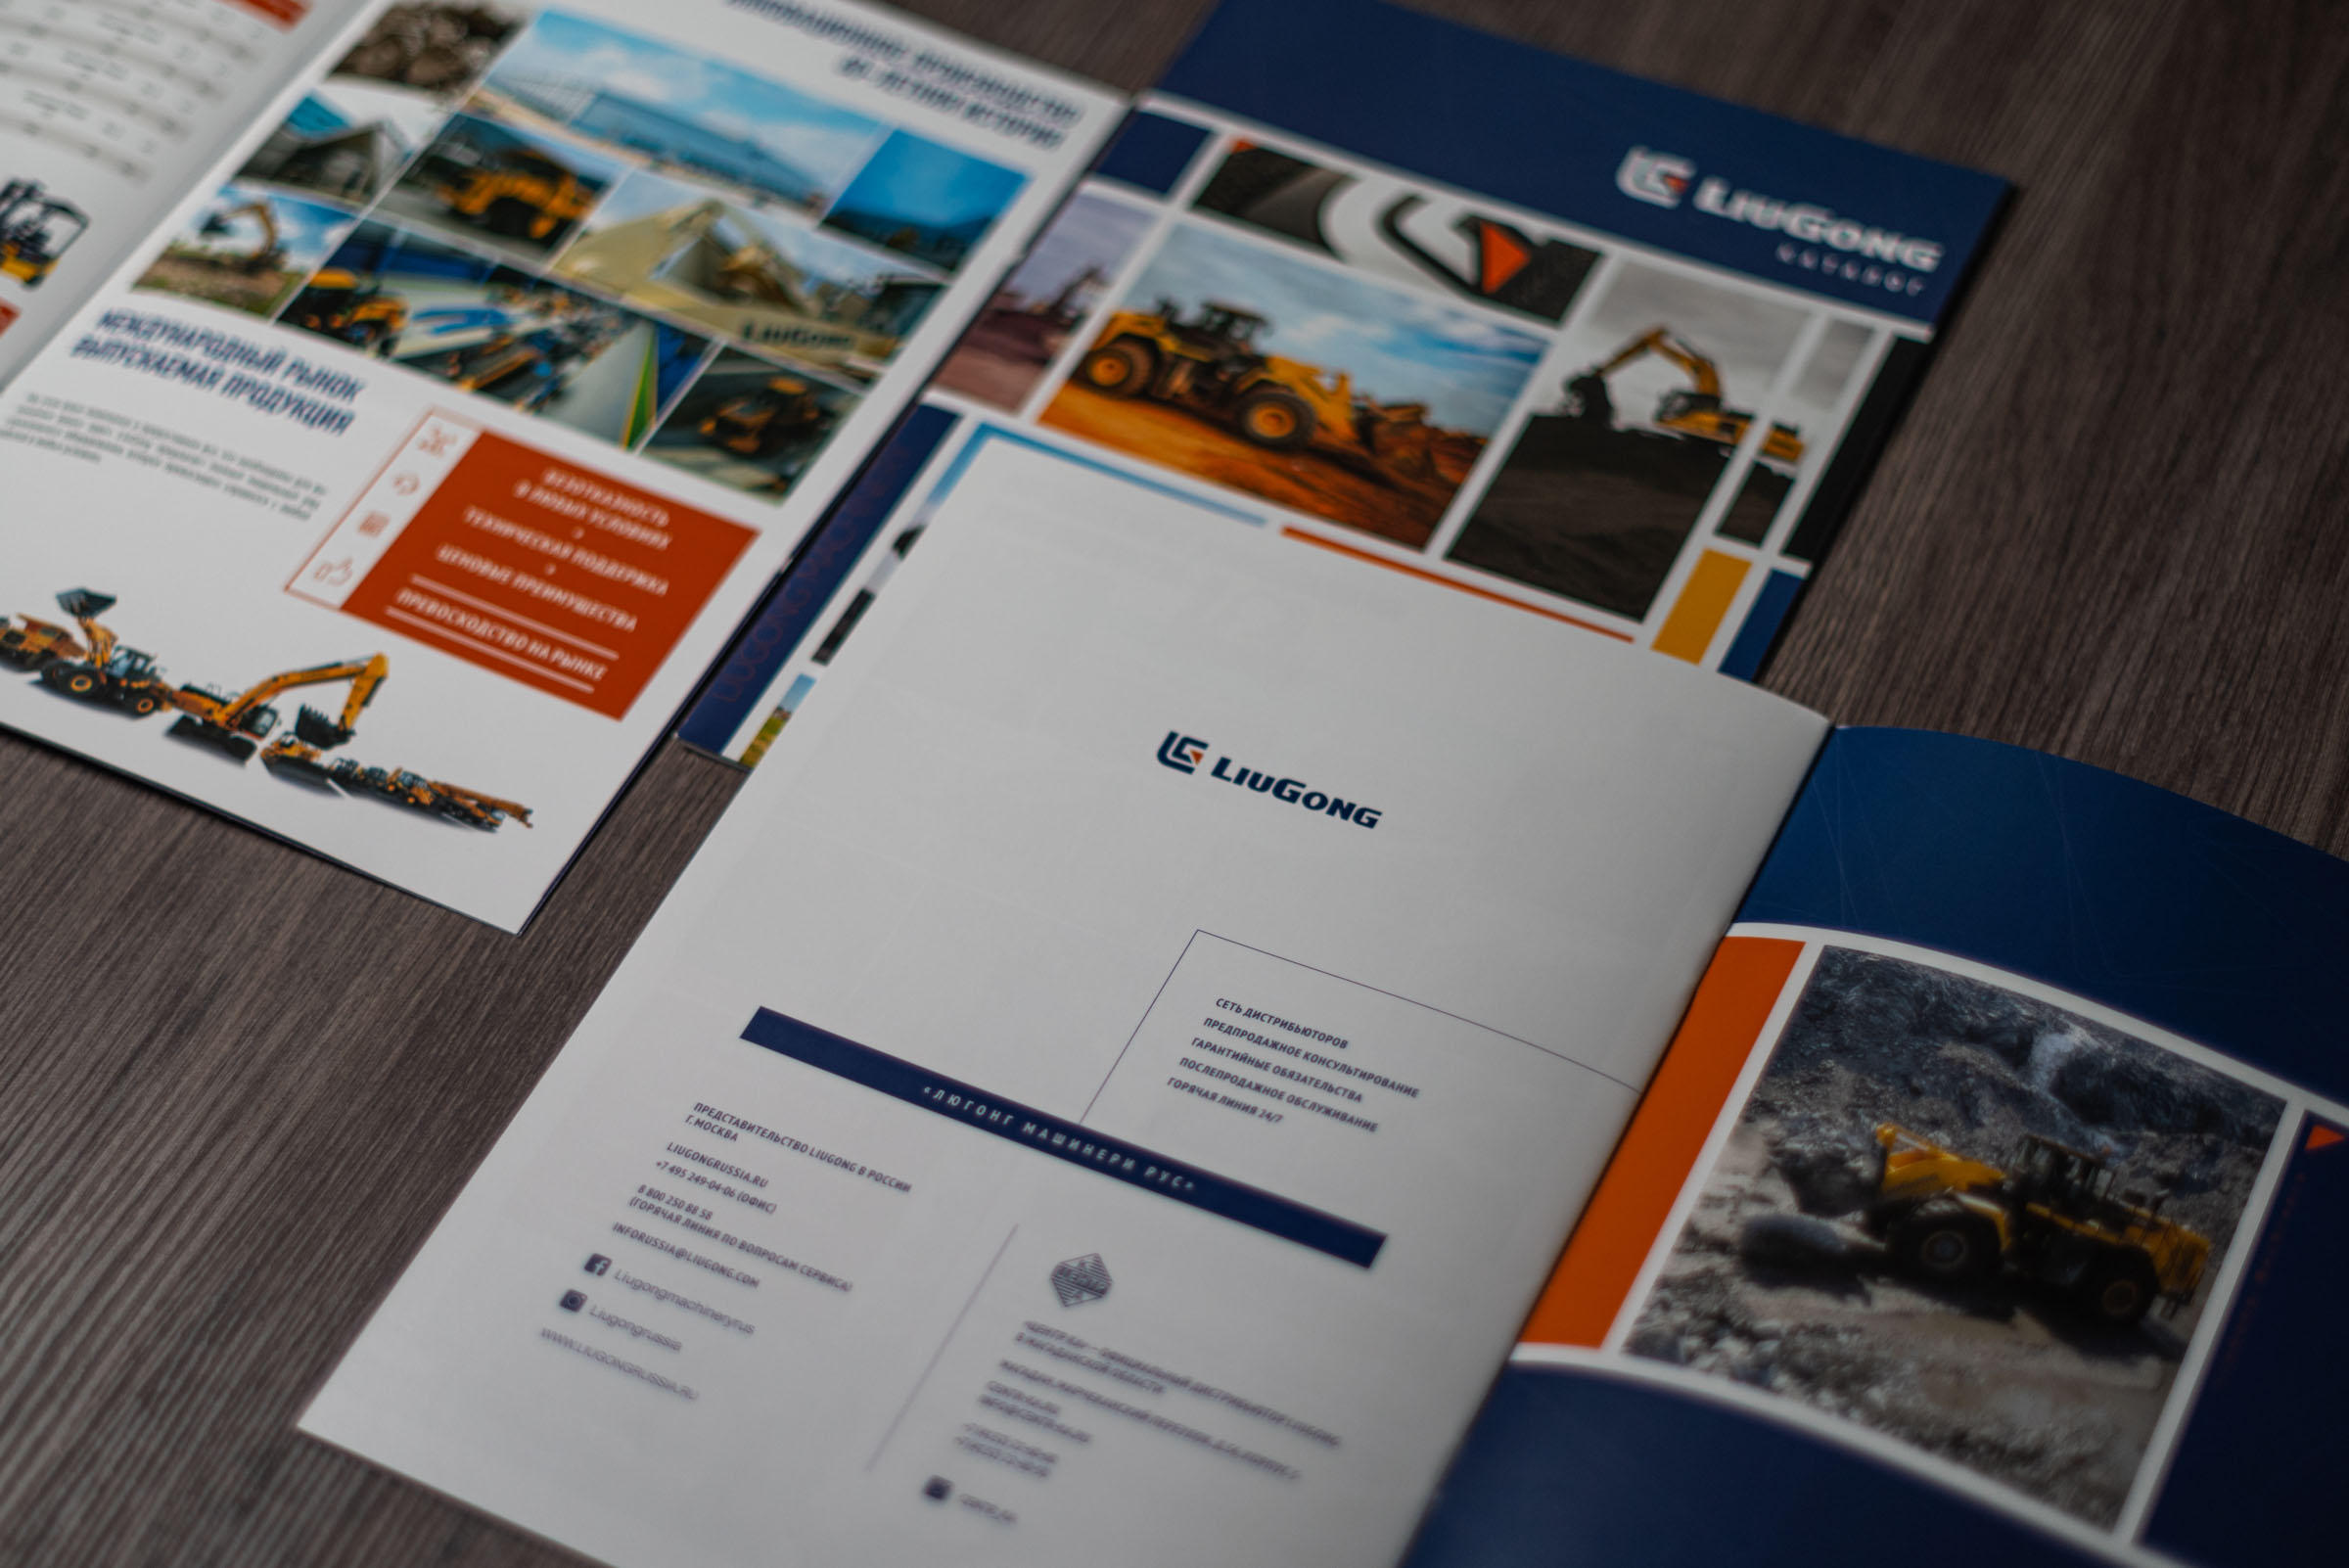 дизайн каталогов и брошюр. страница контактов